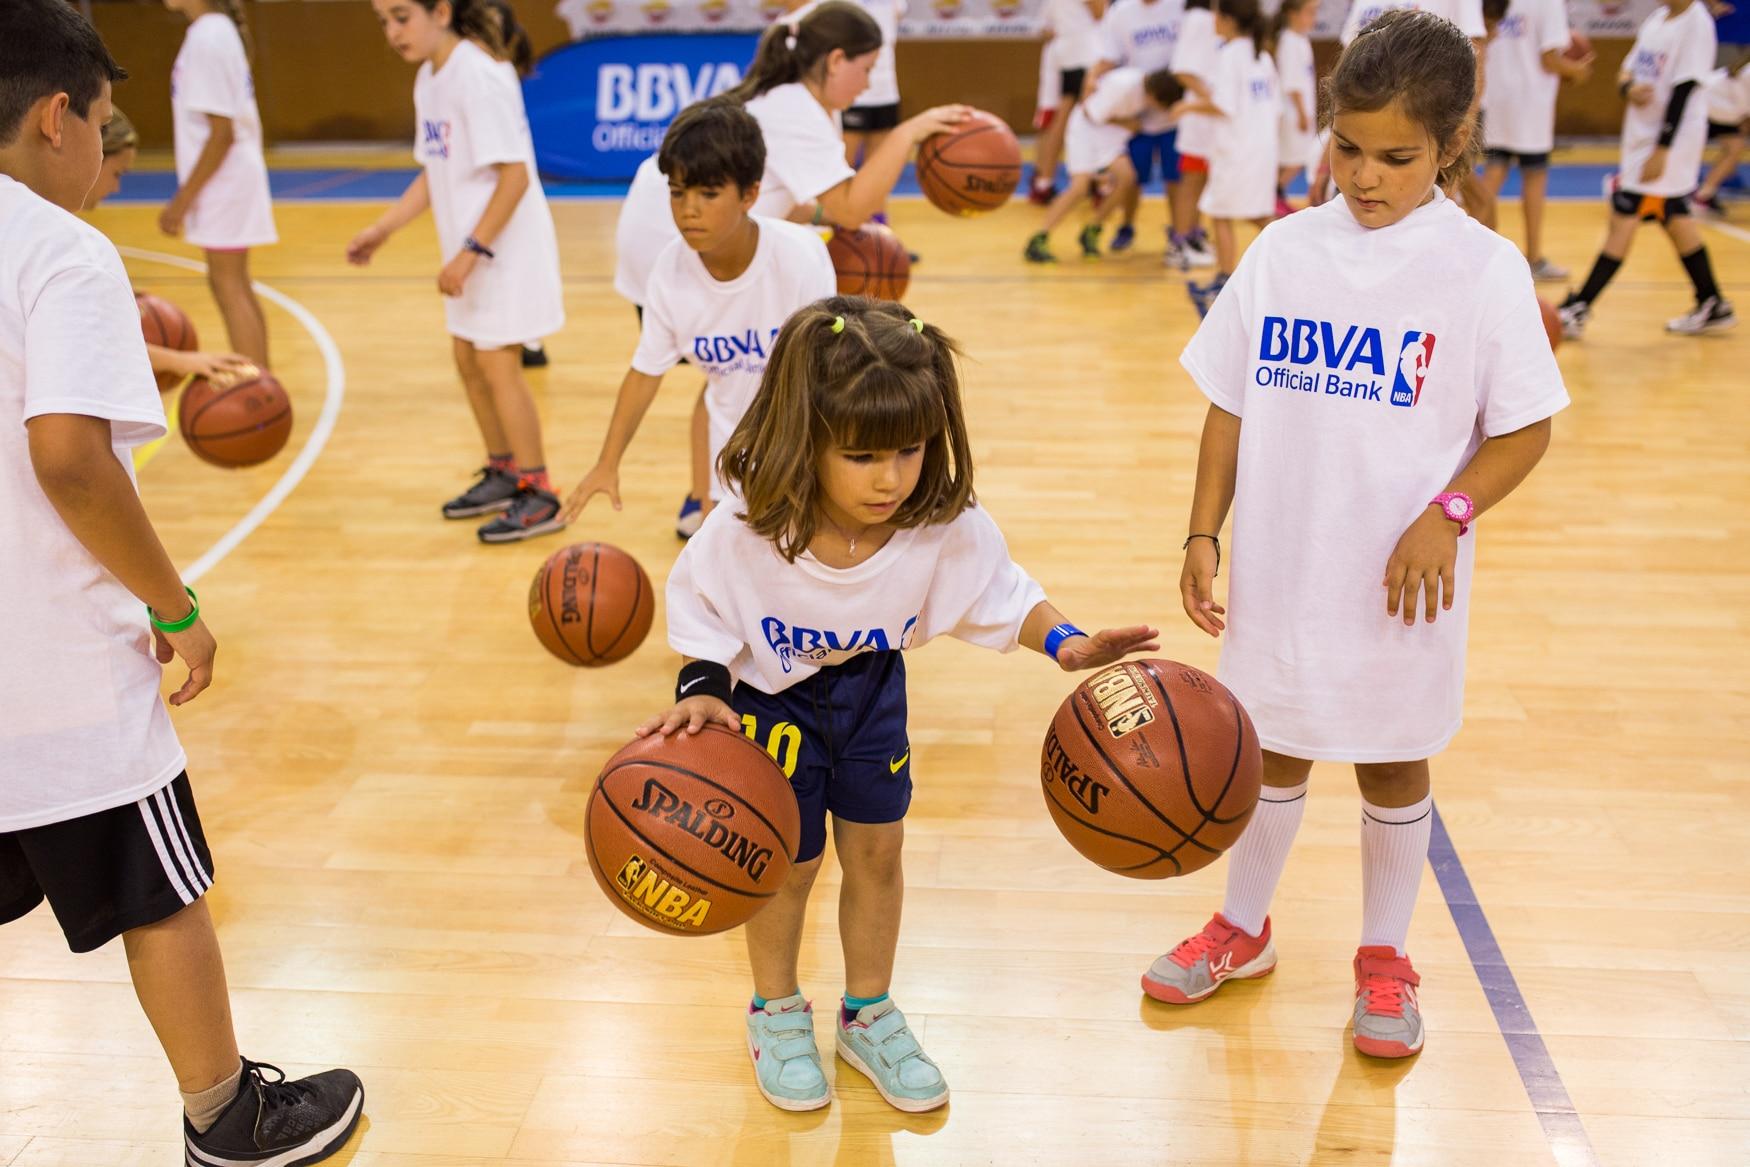 NBA Tarragona 7